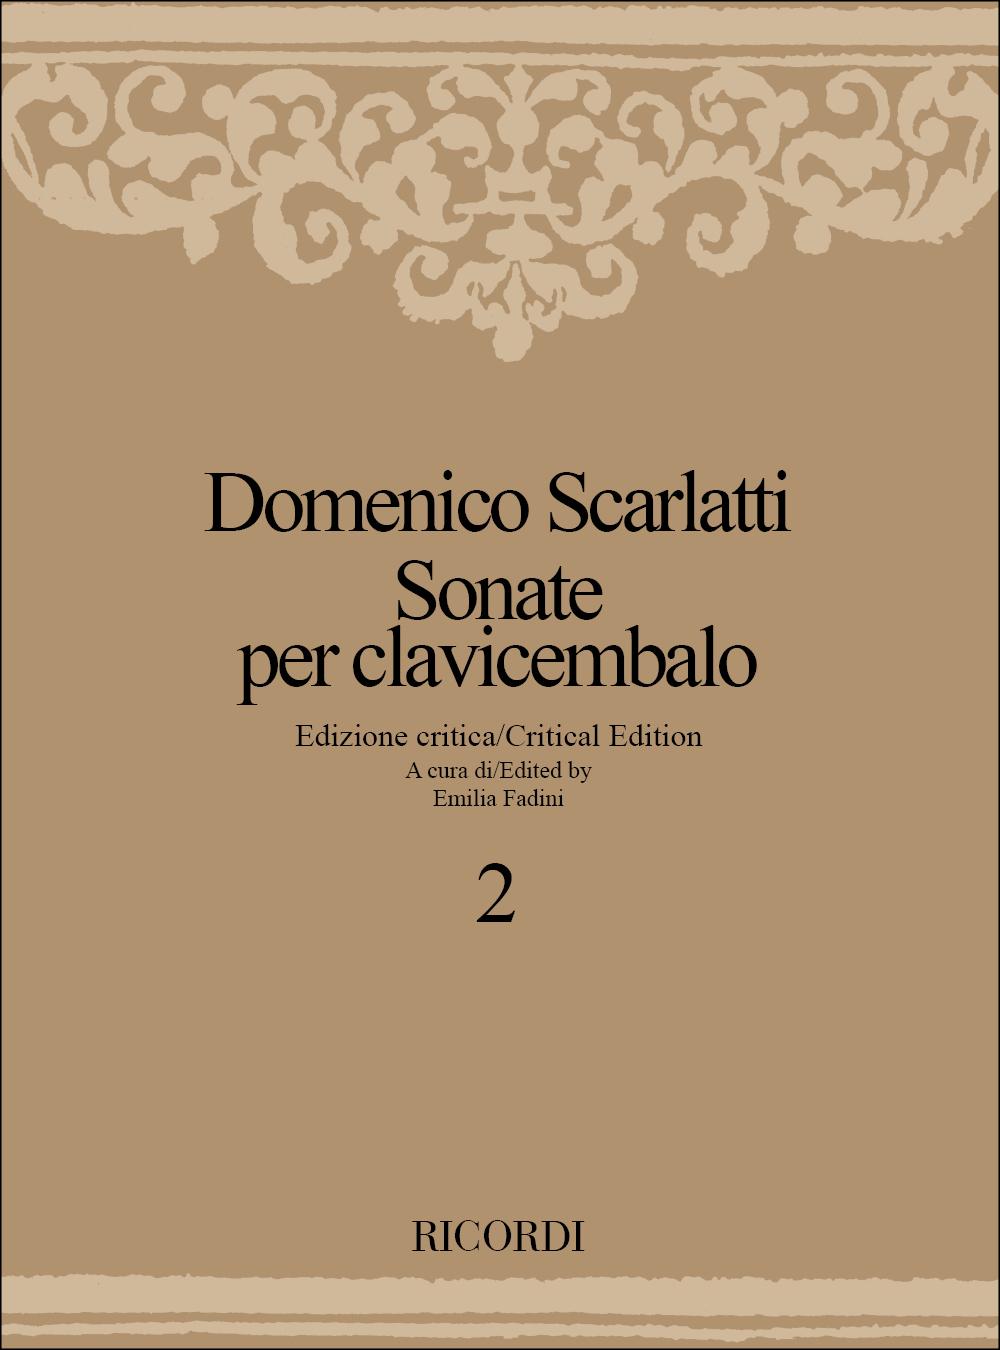 Domenico Scarlatti: Sonate Per Clavicembalo - Volume 2: Harpsichord